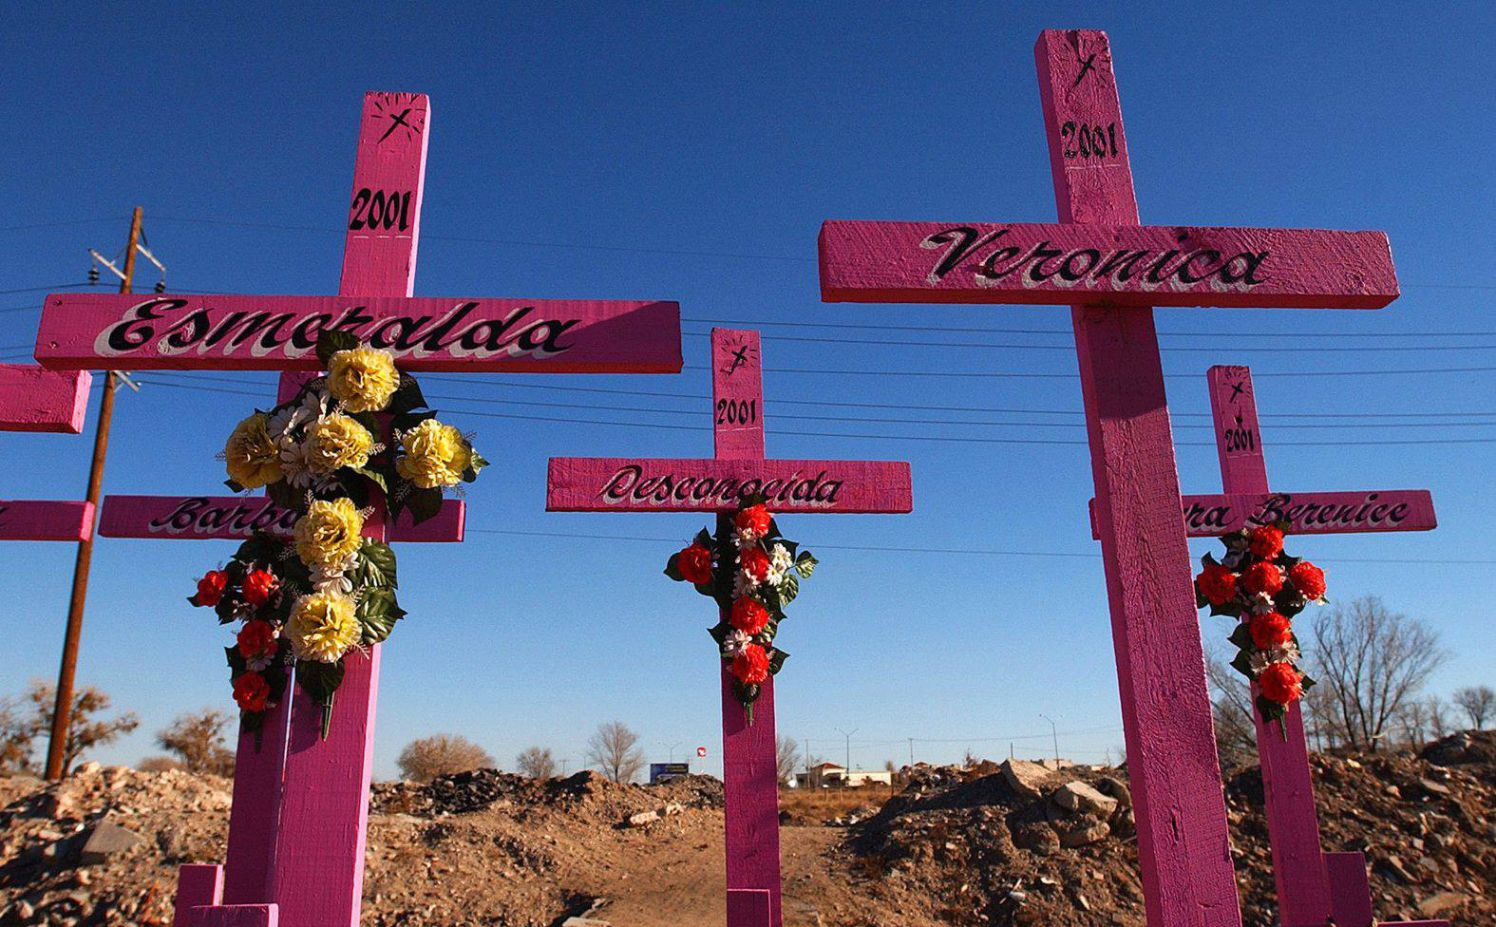 """בית קברות במקסיקו. """"אנשים שבהתחלה חוגגים ובסוף הורגים זה את זה... העיר יכולה לנשום לרווחה"""" צילום: אי־פי"""